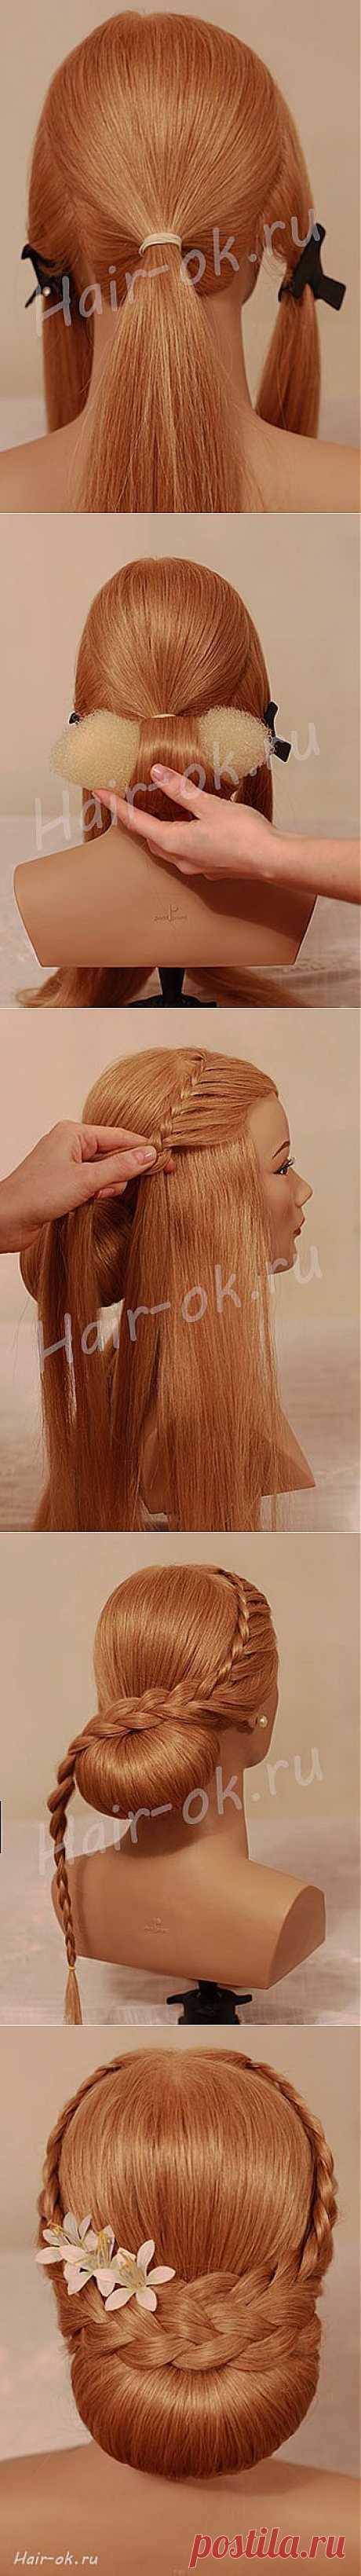 Вечерняя прическа с двумя косами. Сам себе парикмахер   Умелые ручки